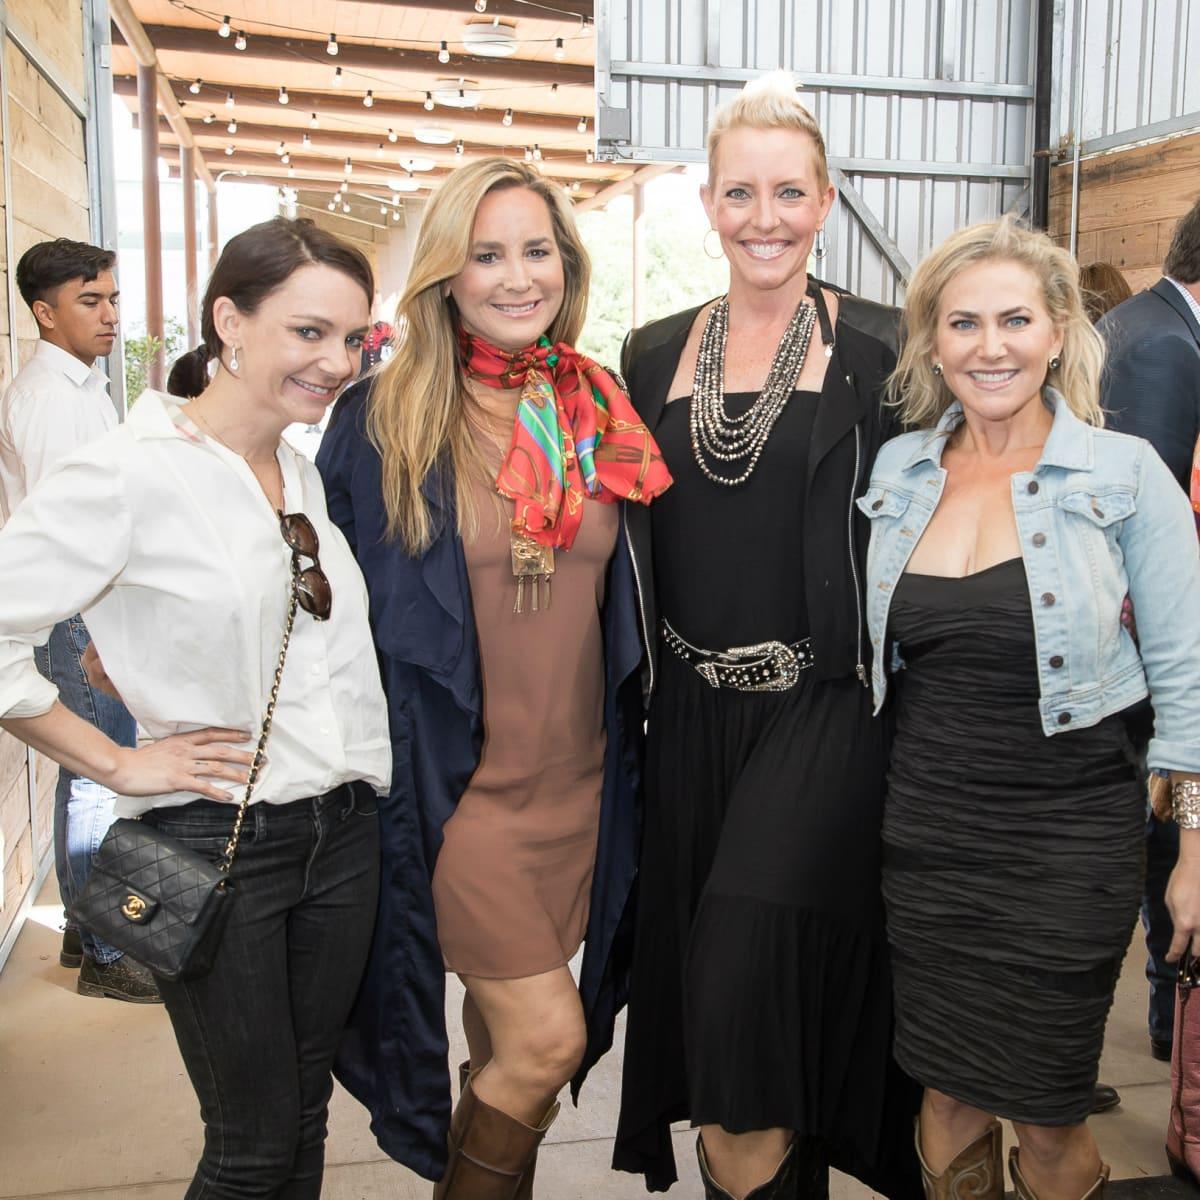 Sara Wilkins, Brit Harless, Gretchen Darby, Abra Garrett